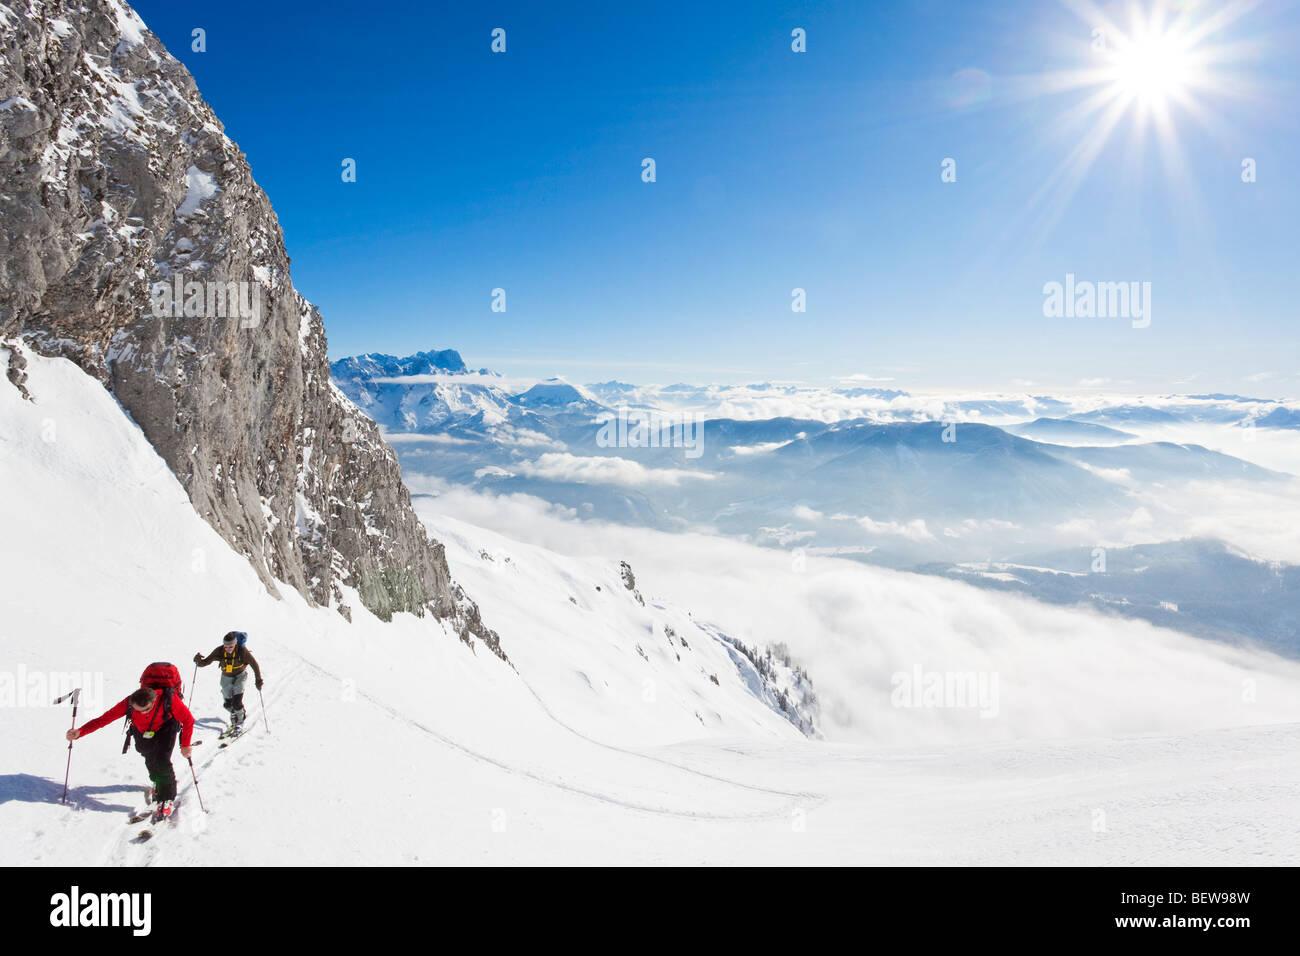 two men ski touring in the mountains, Salzburg, Austria, high angle view - Stock Image